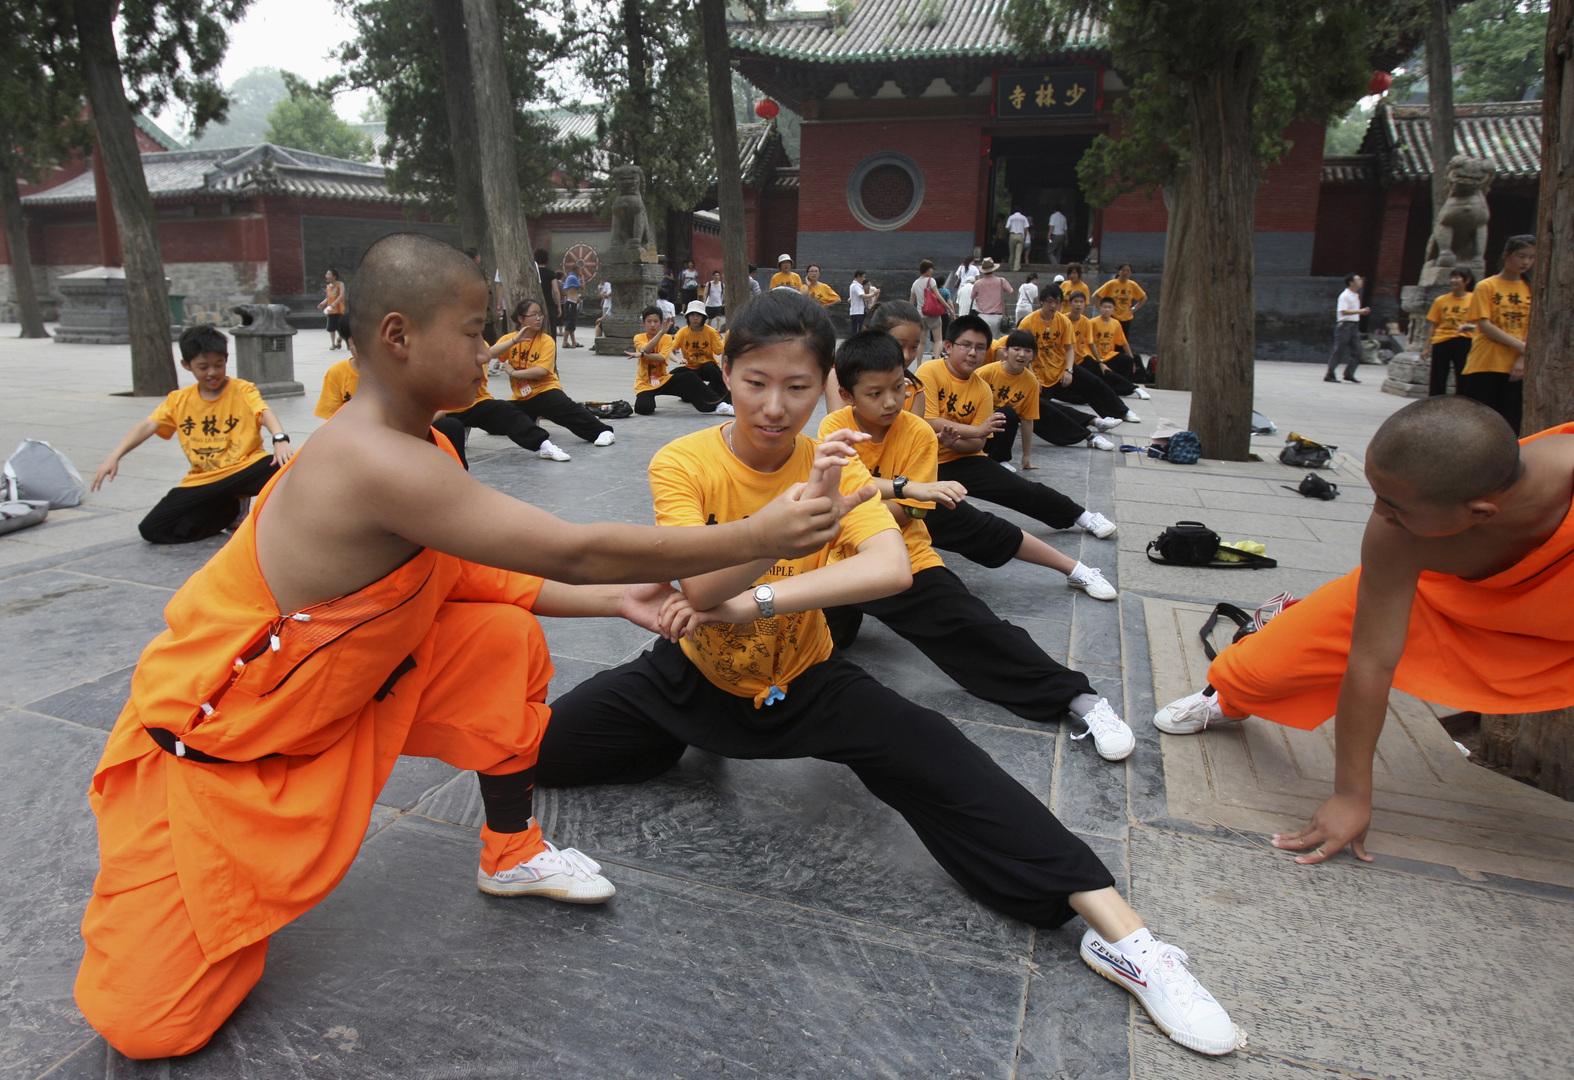 إغلاق معبد شاولين.. الفيضانات تجتاح 12 مدينة وسط الصين